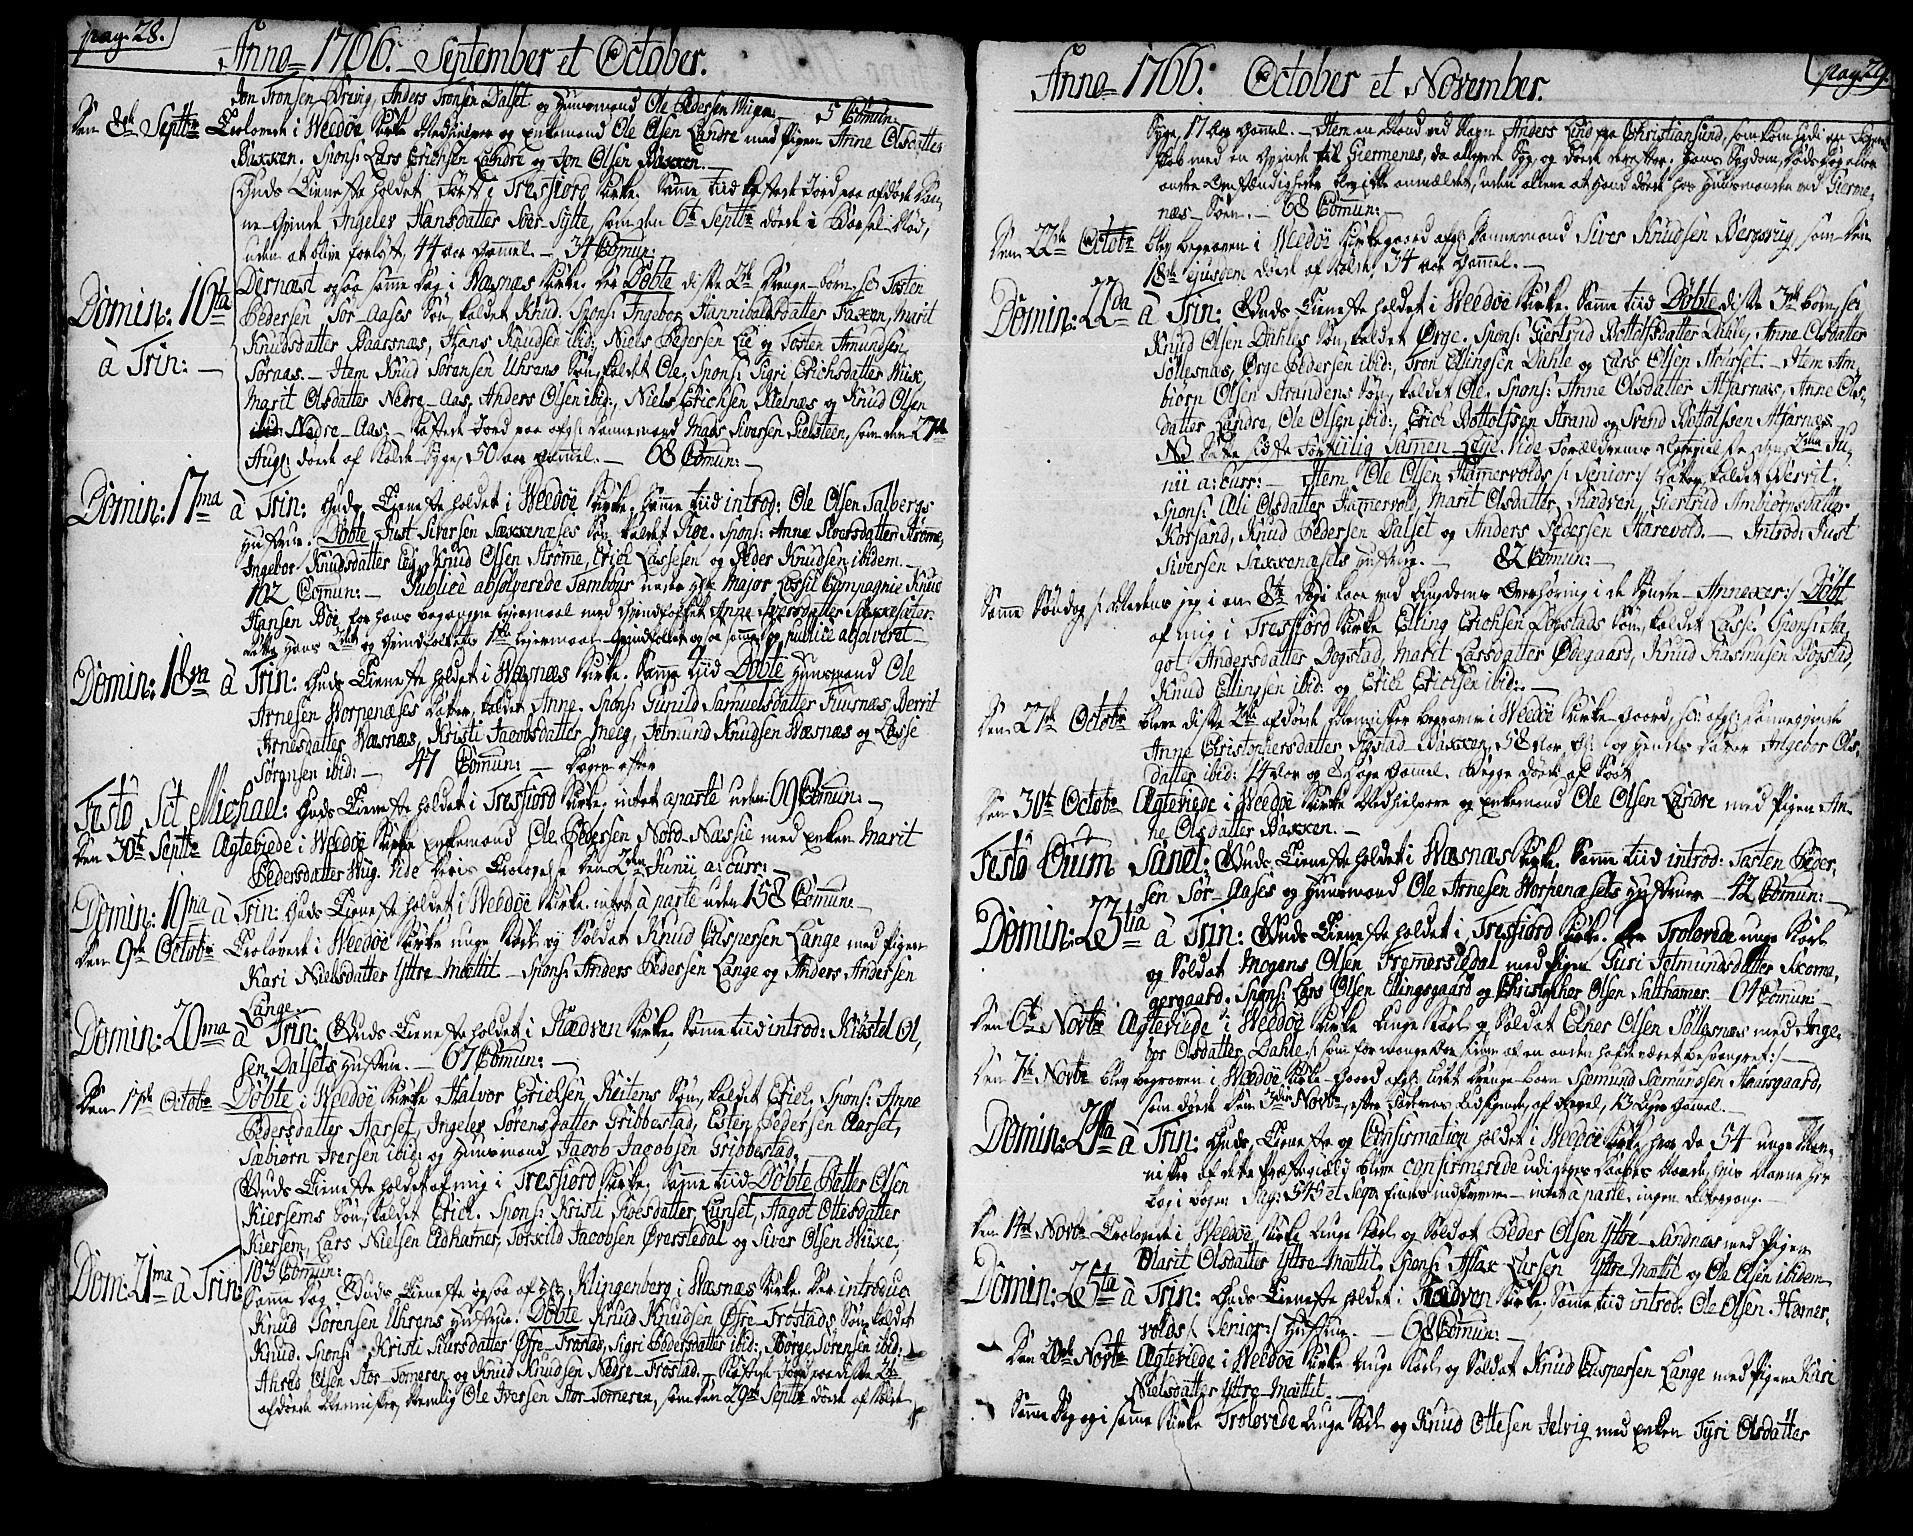 SAT, Ministerialprotokoller, klokkerbøker og fødselsregistre - Møre og Romsdal, 547/L0600: Ministerialbok nr. 547A02, 1765-1799, s. 28-29